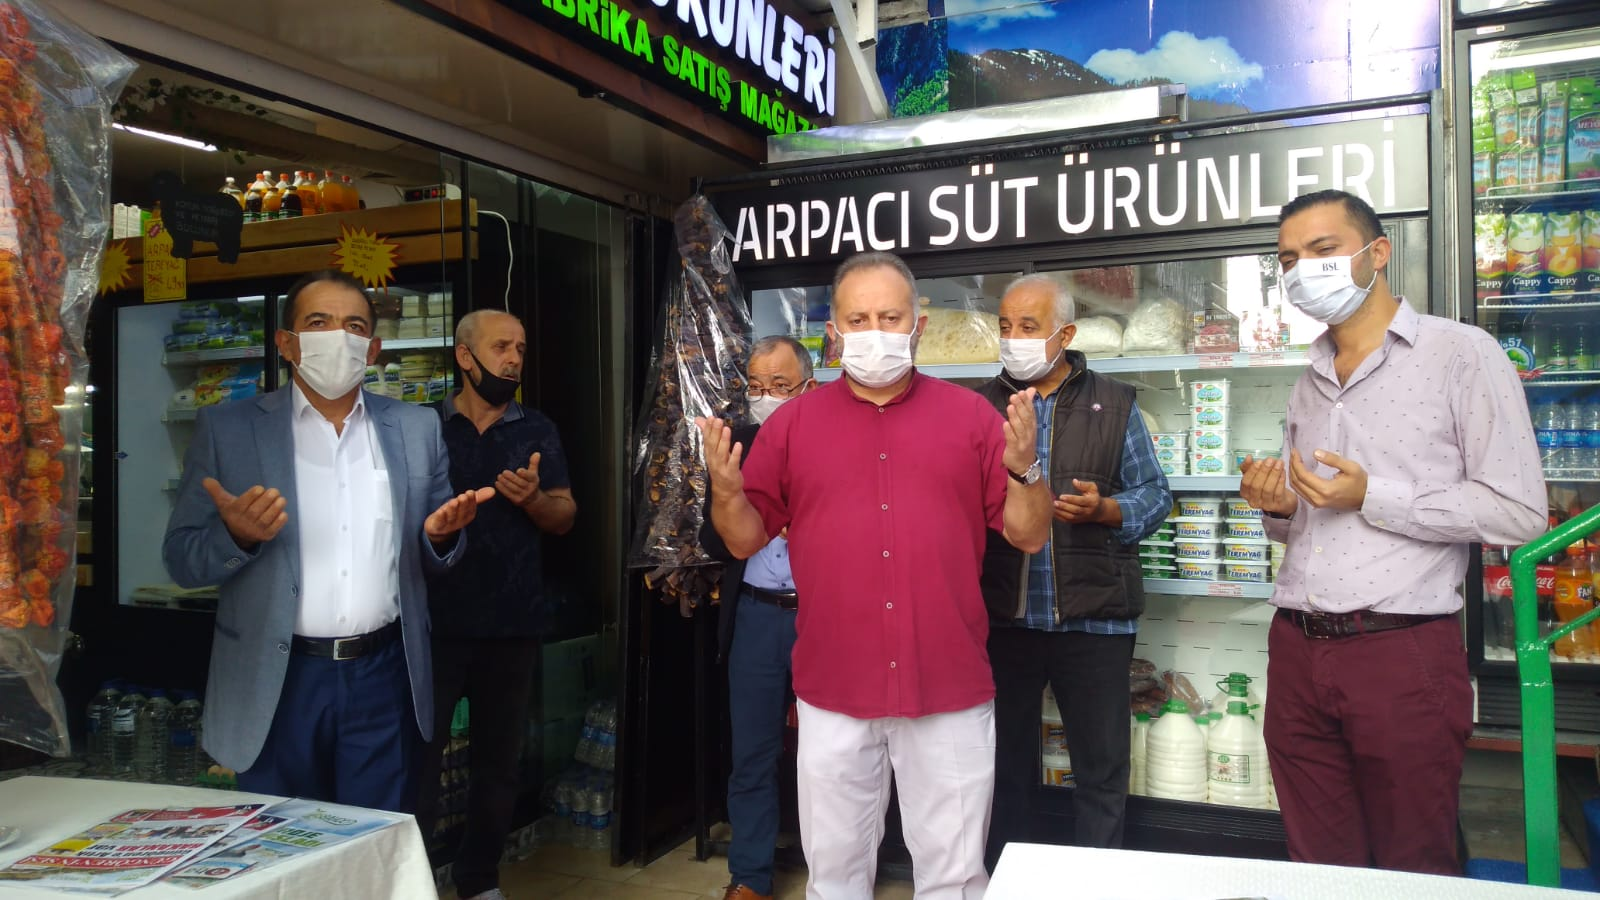 Arpacı süt ürünleri satış mağazası  dualarla kapısını Merter'de açtı